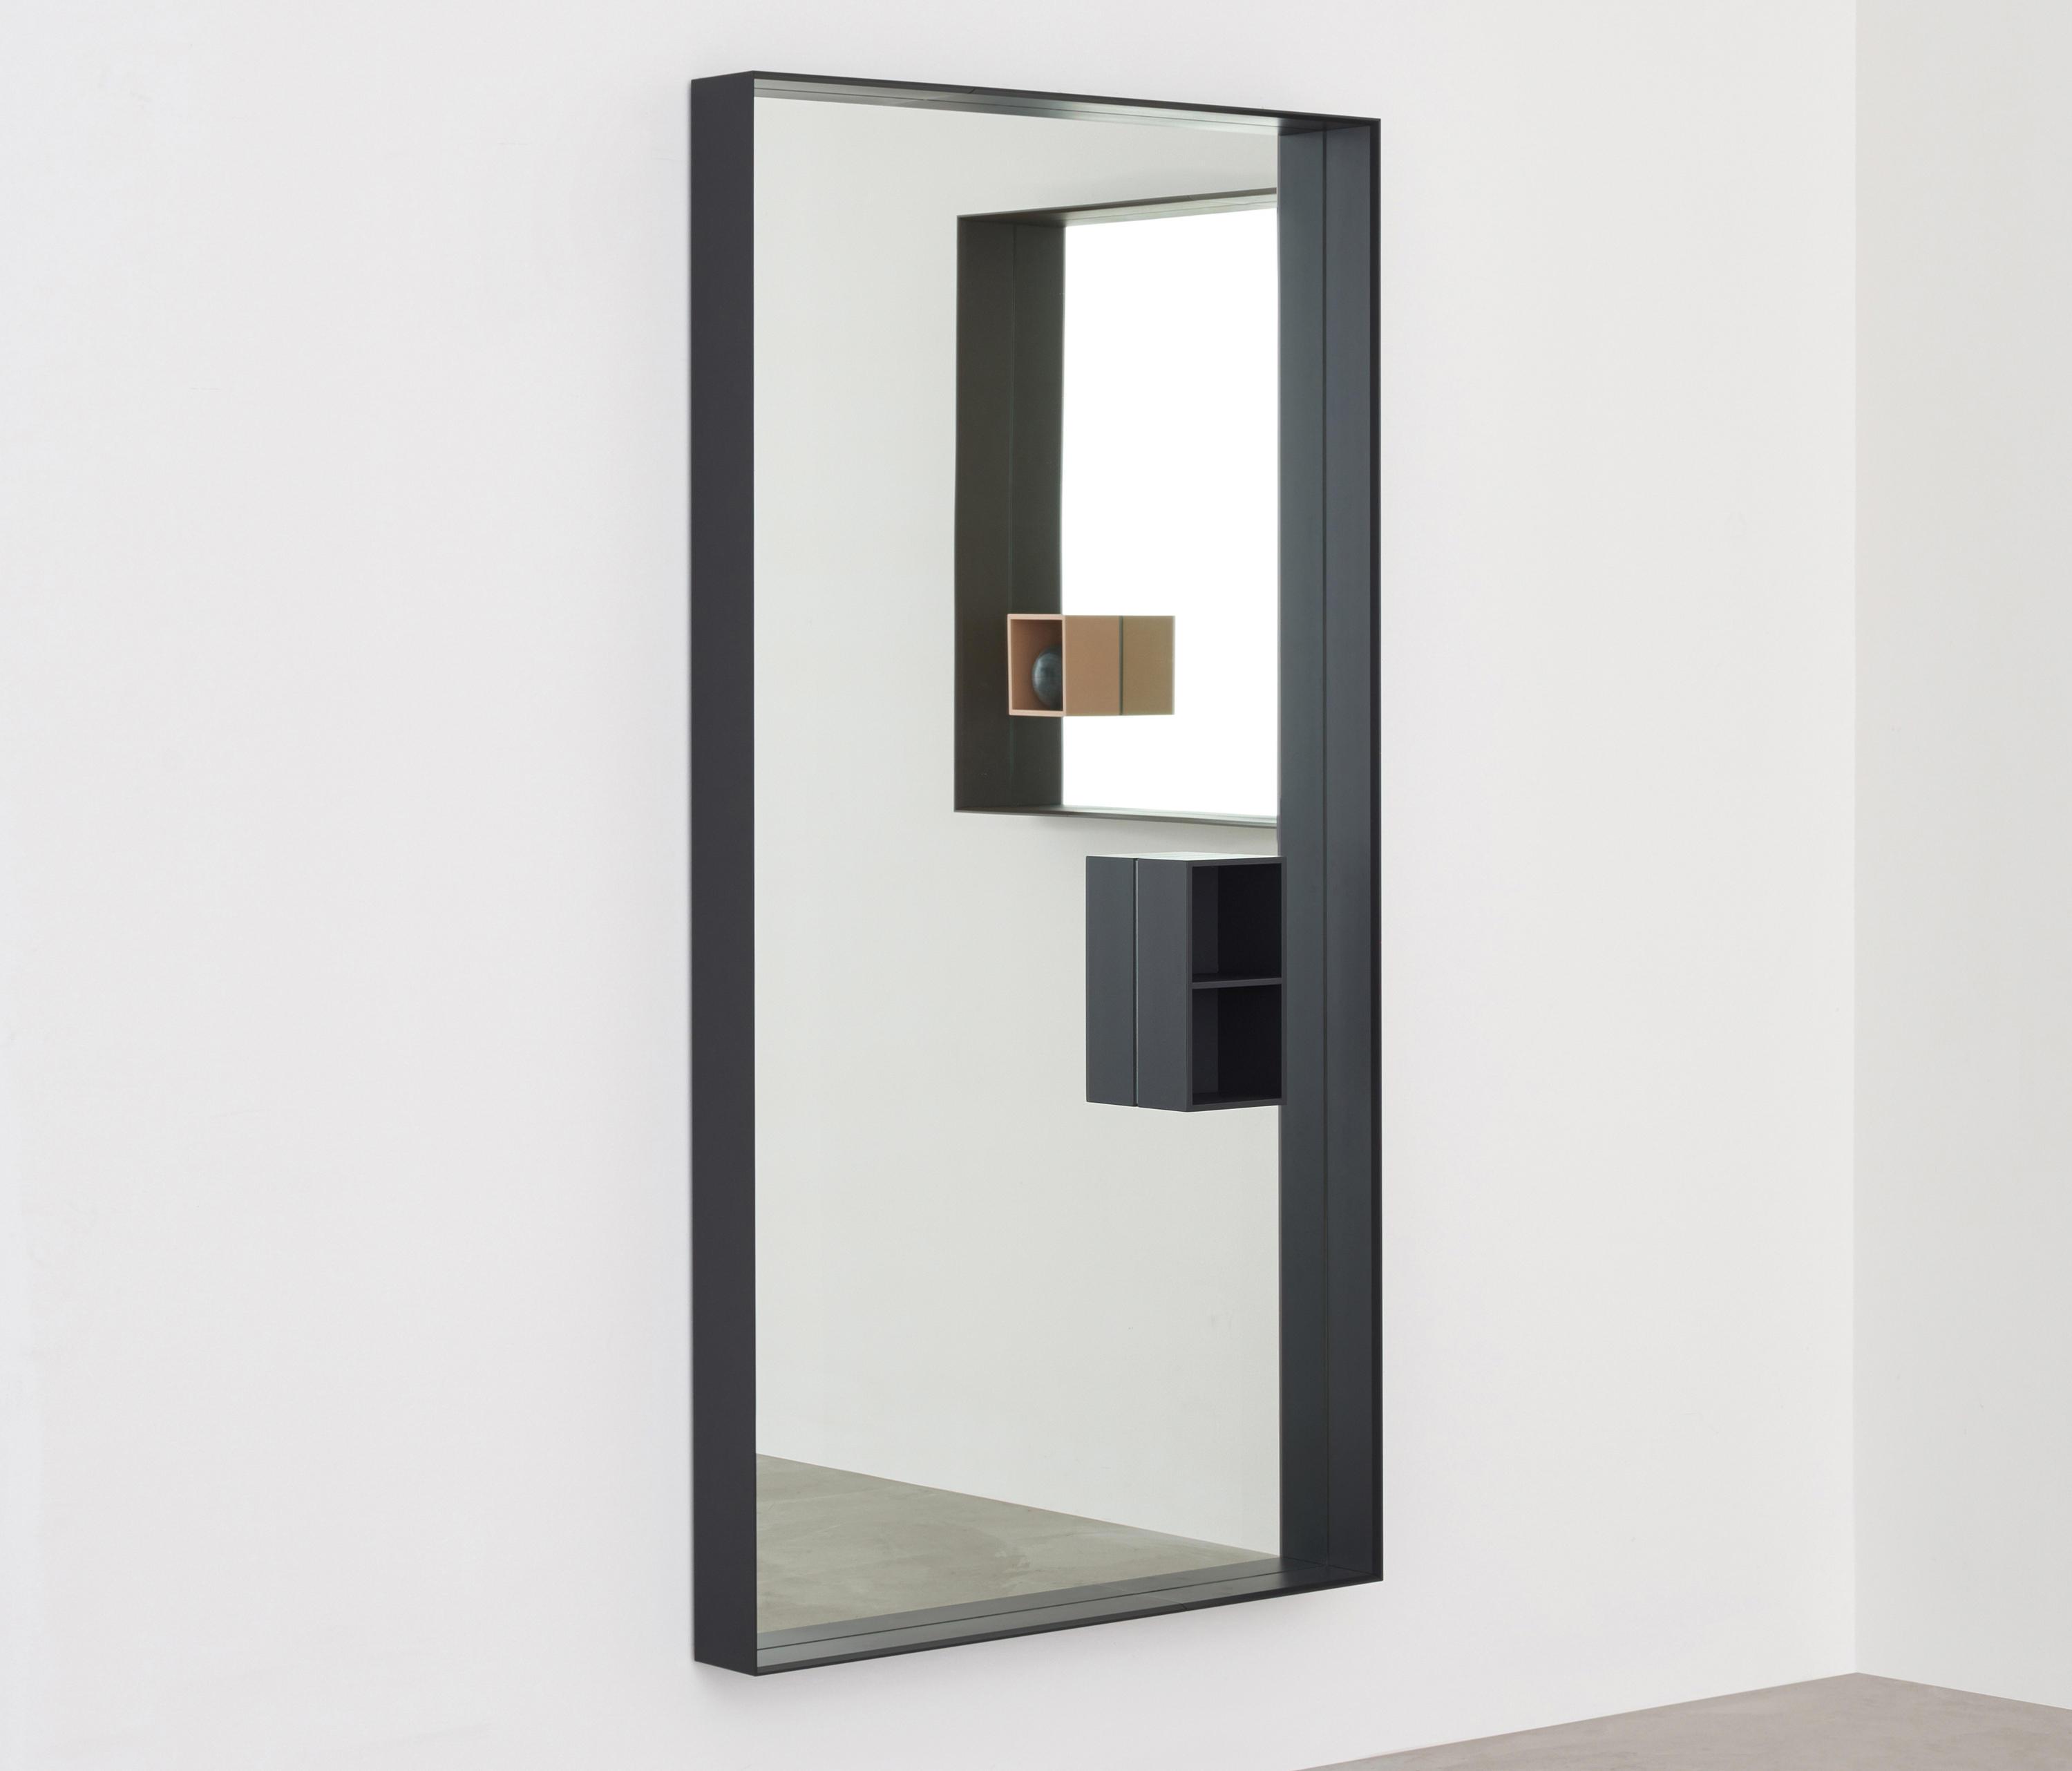 Mir spiegel spiegel von desalto architonic for Spiegel adresse